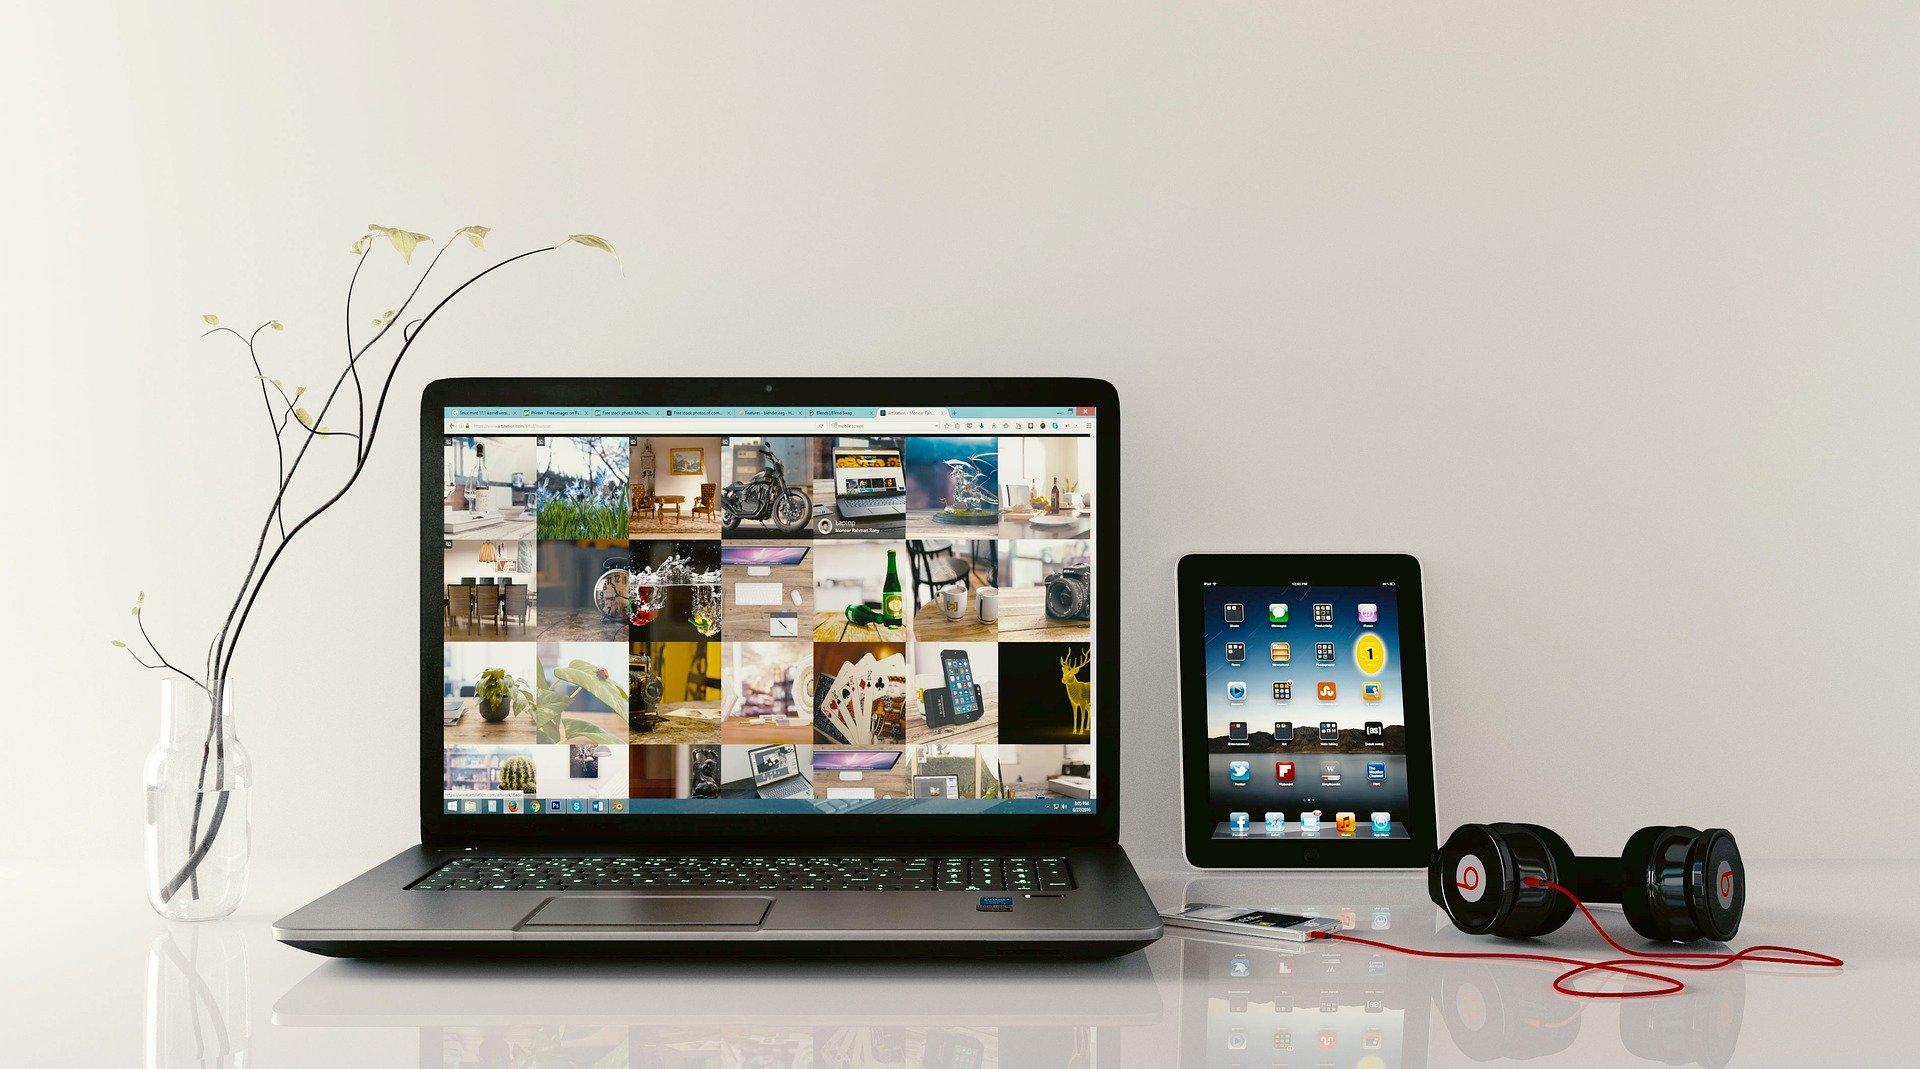 Trzy powody, dla których wynajem laptopów cieszy się dużym popytem